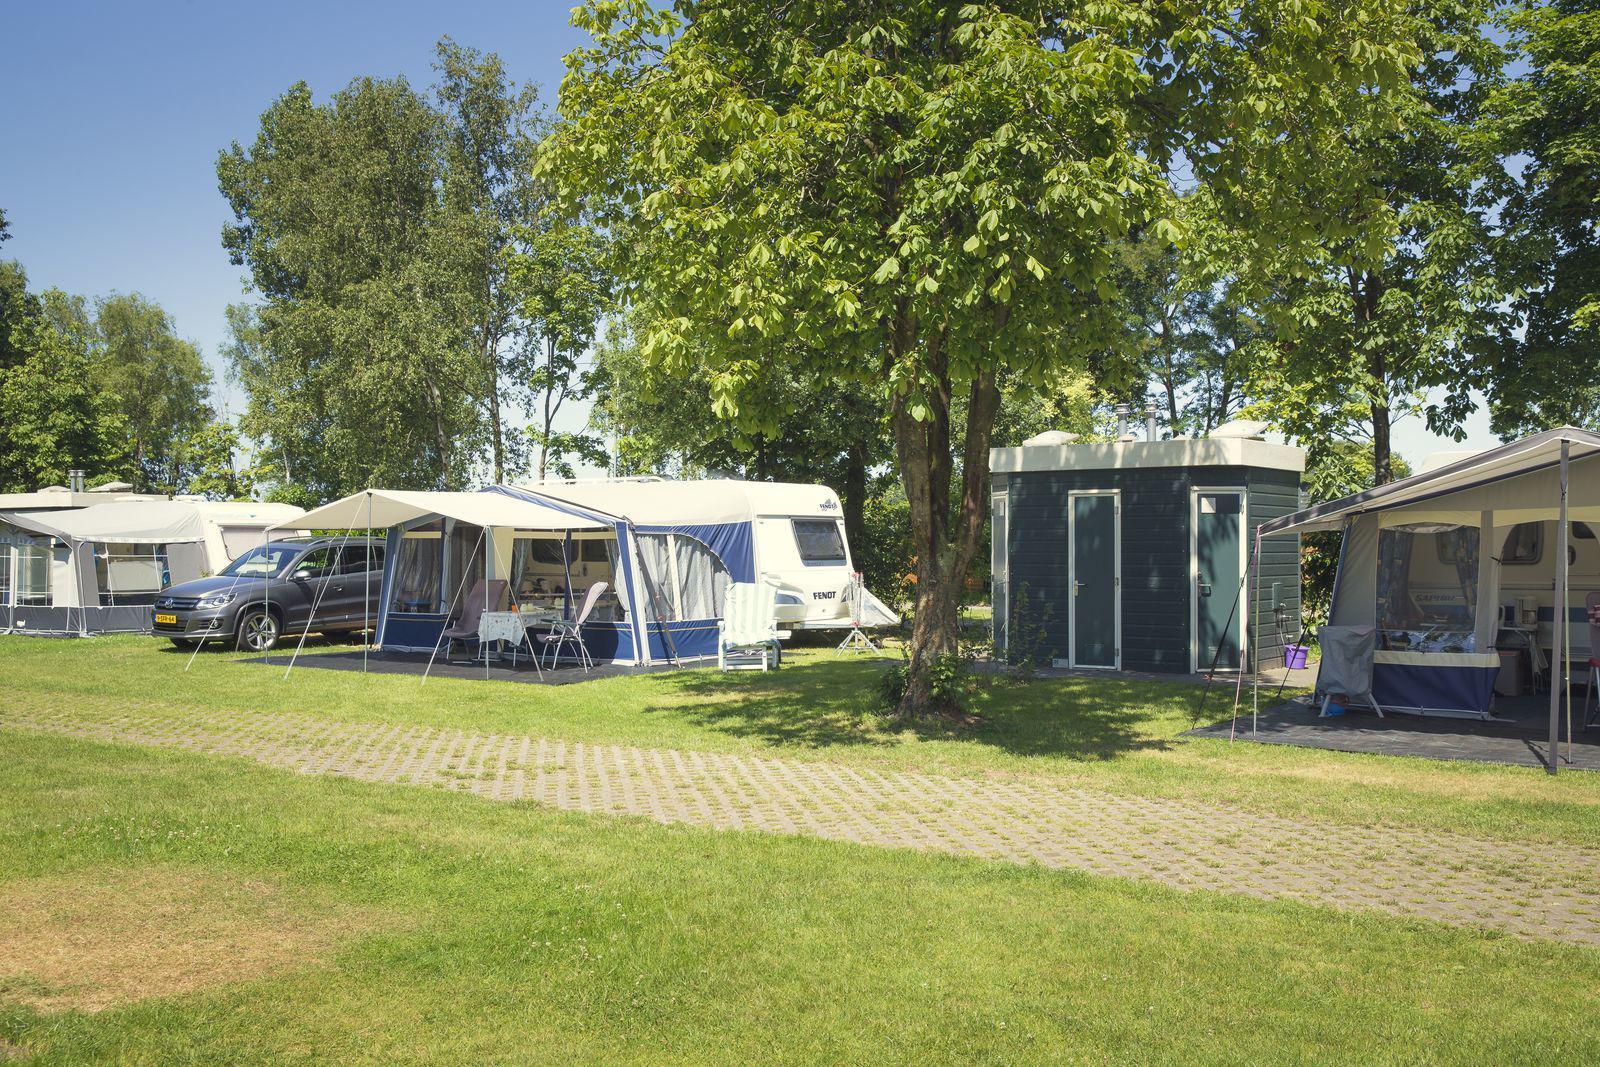 Vakantiepark Mölke kampeerplaats met privé sanitair Zuna Overijssel